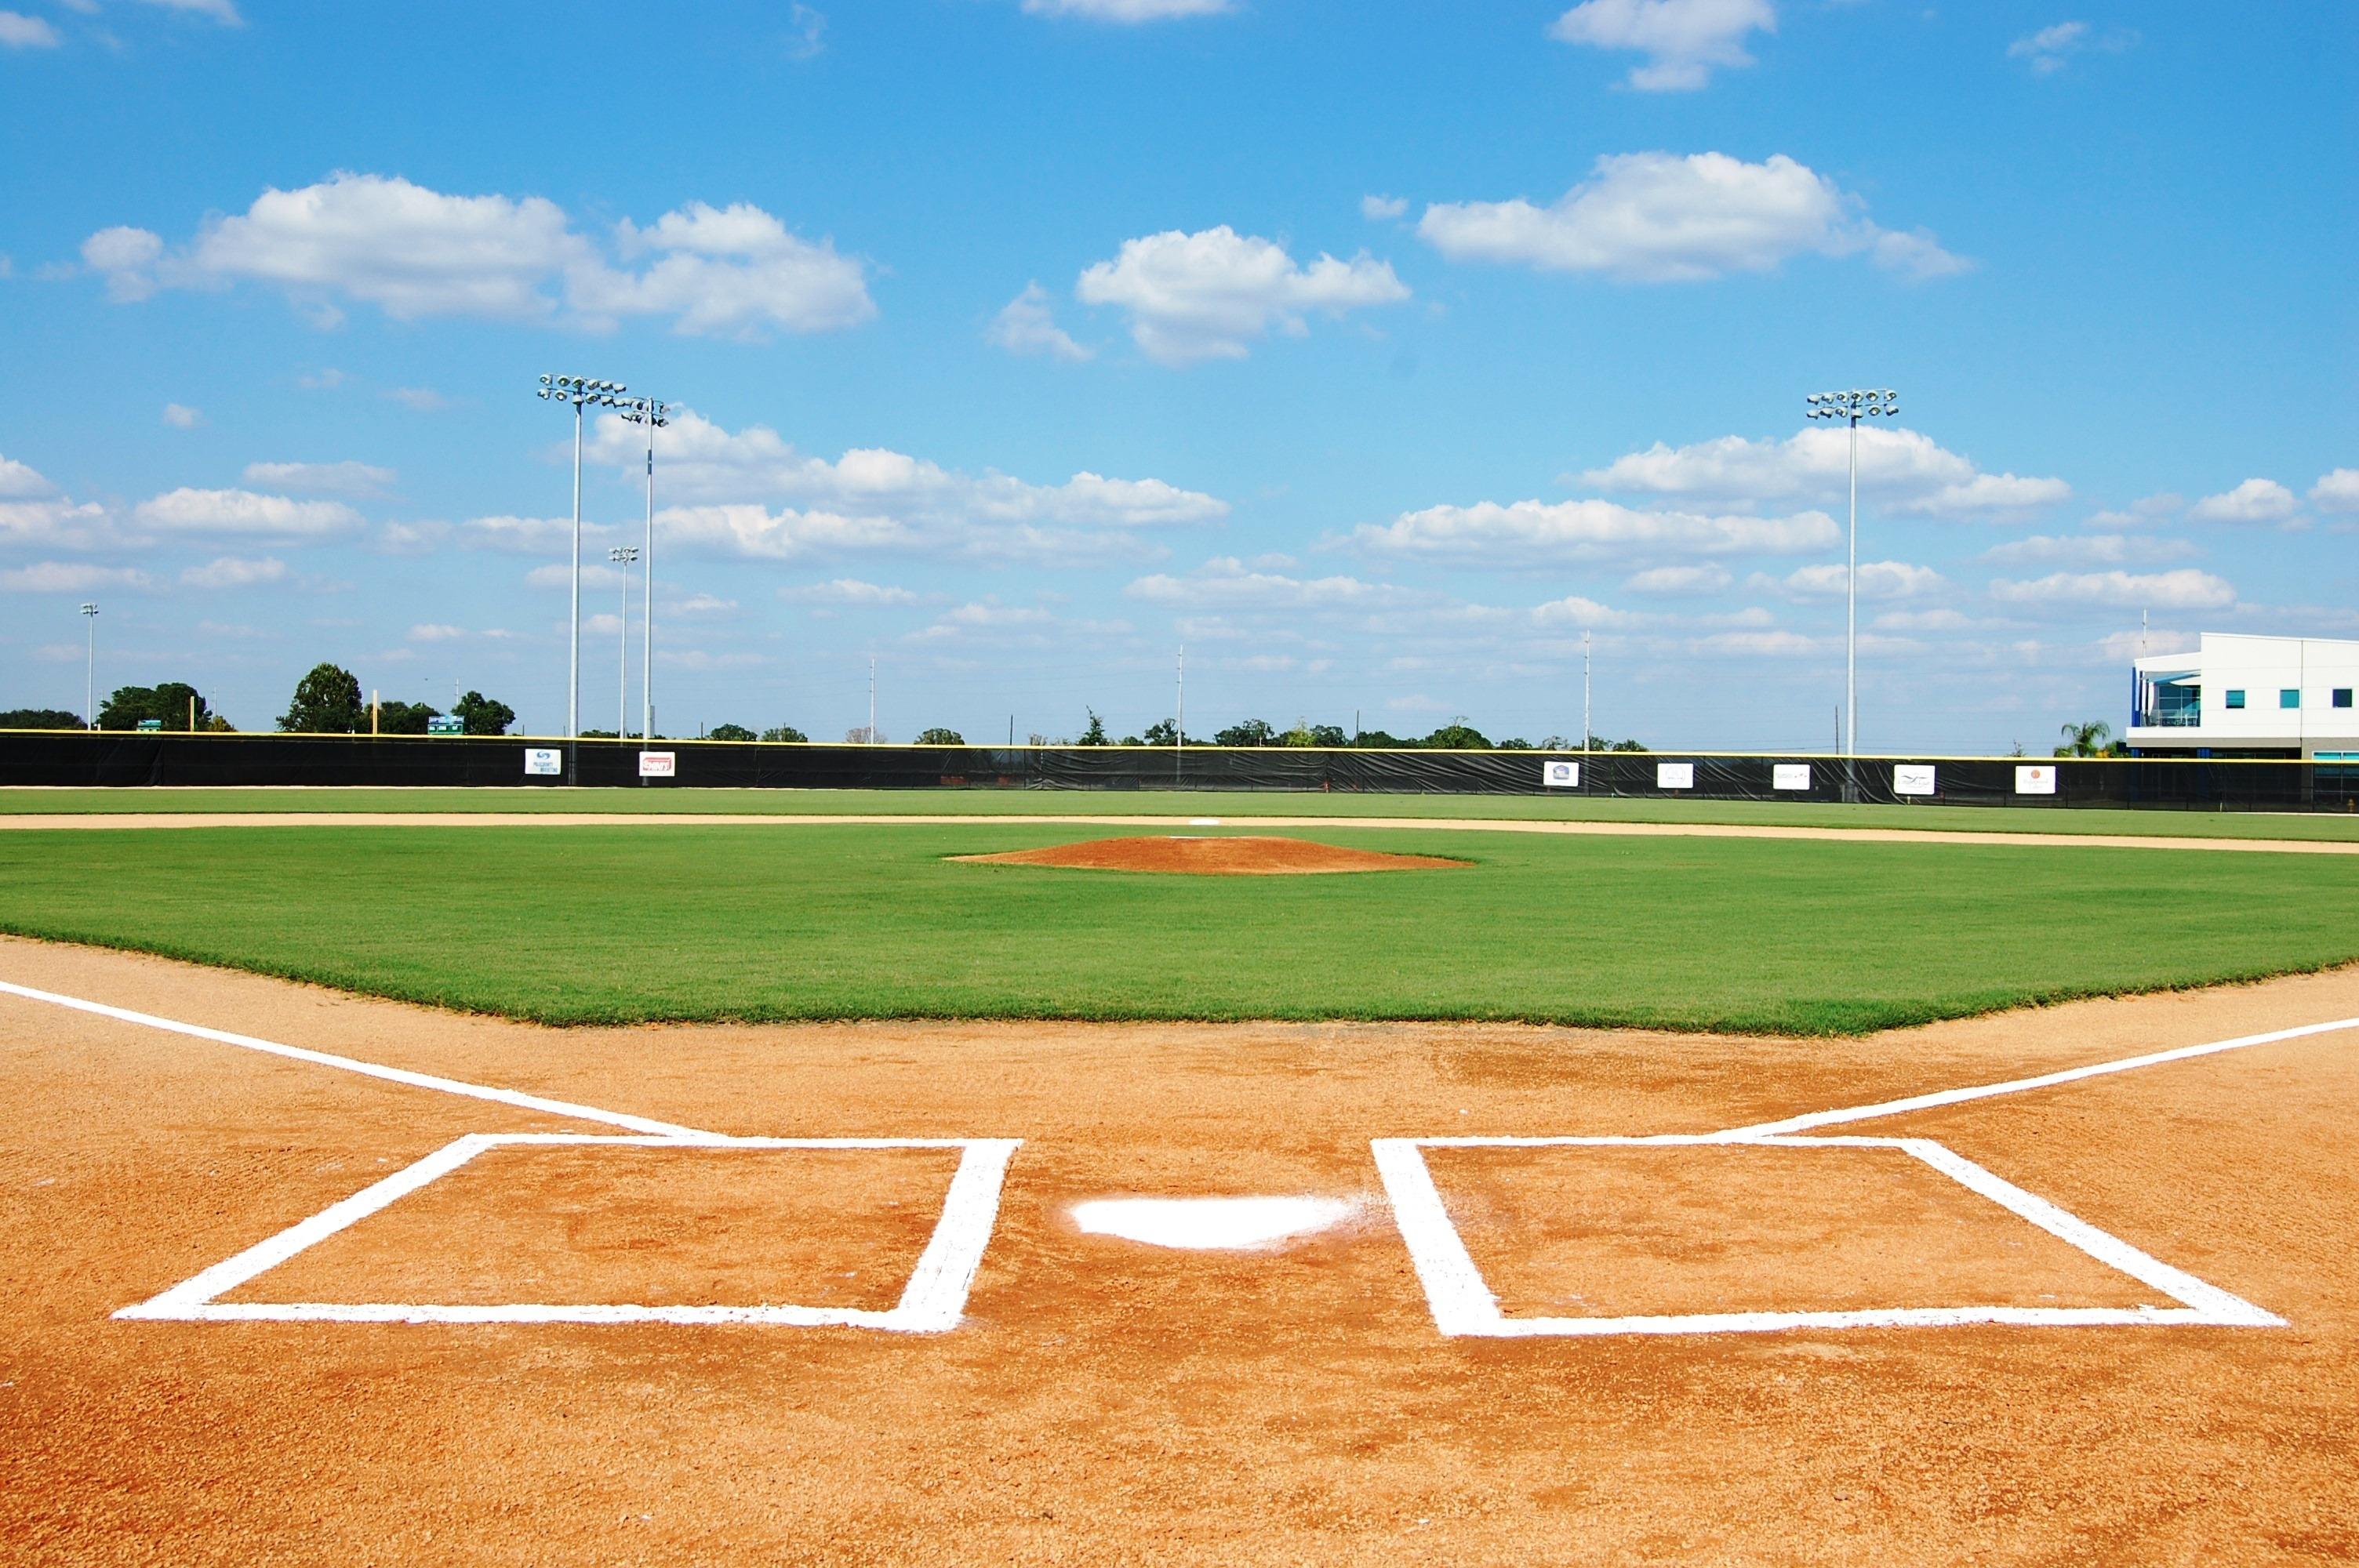 baseball field widescreen wallpaper 50243 3008x2000 px